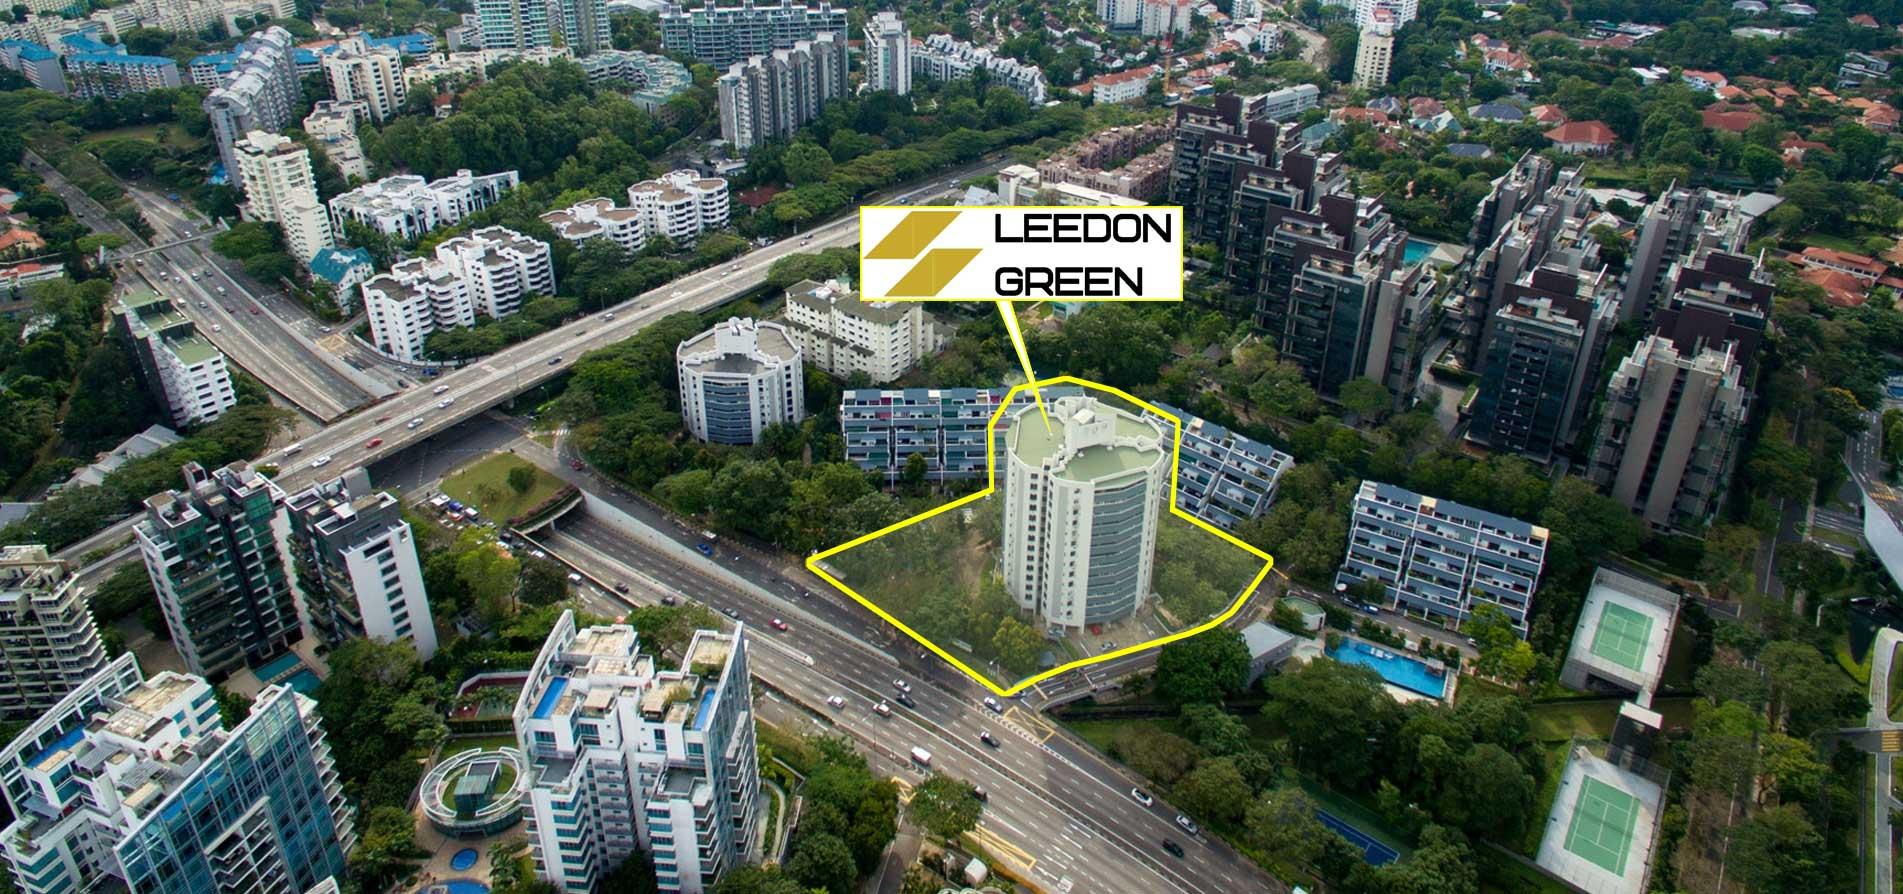 leedon-green-site